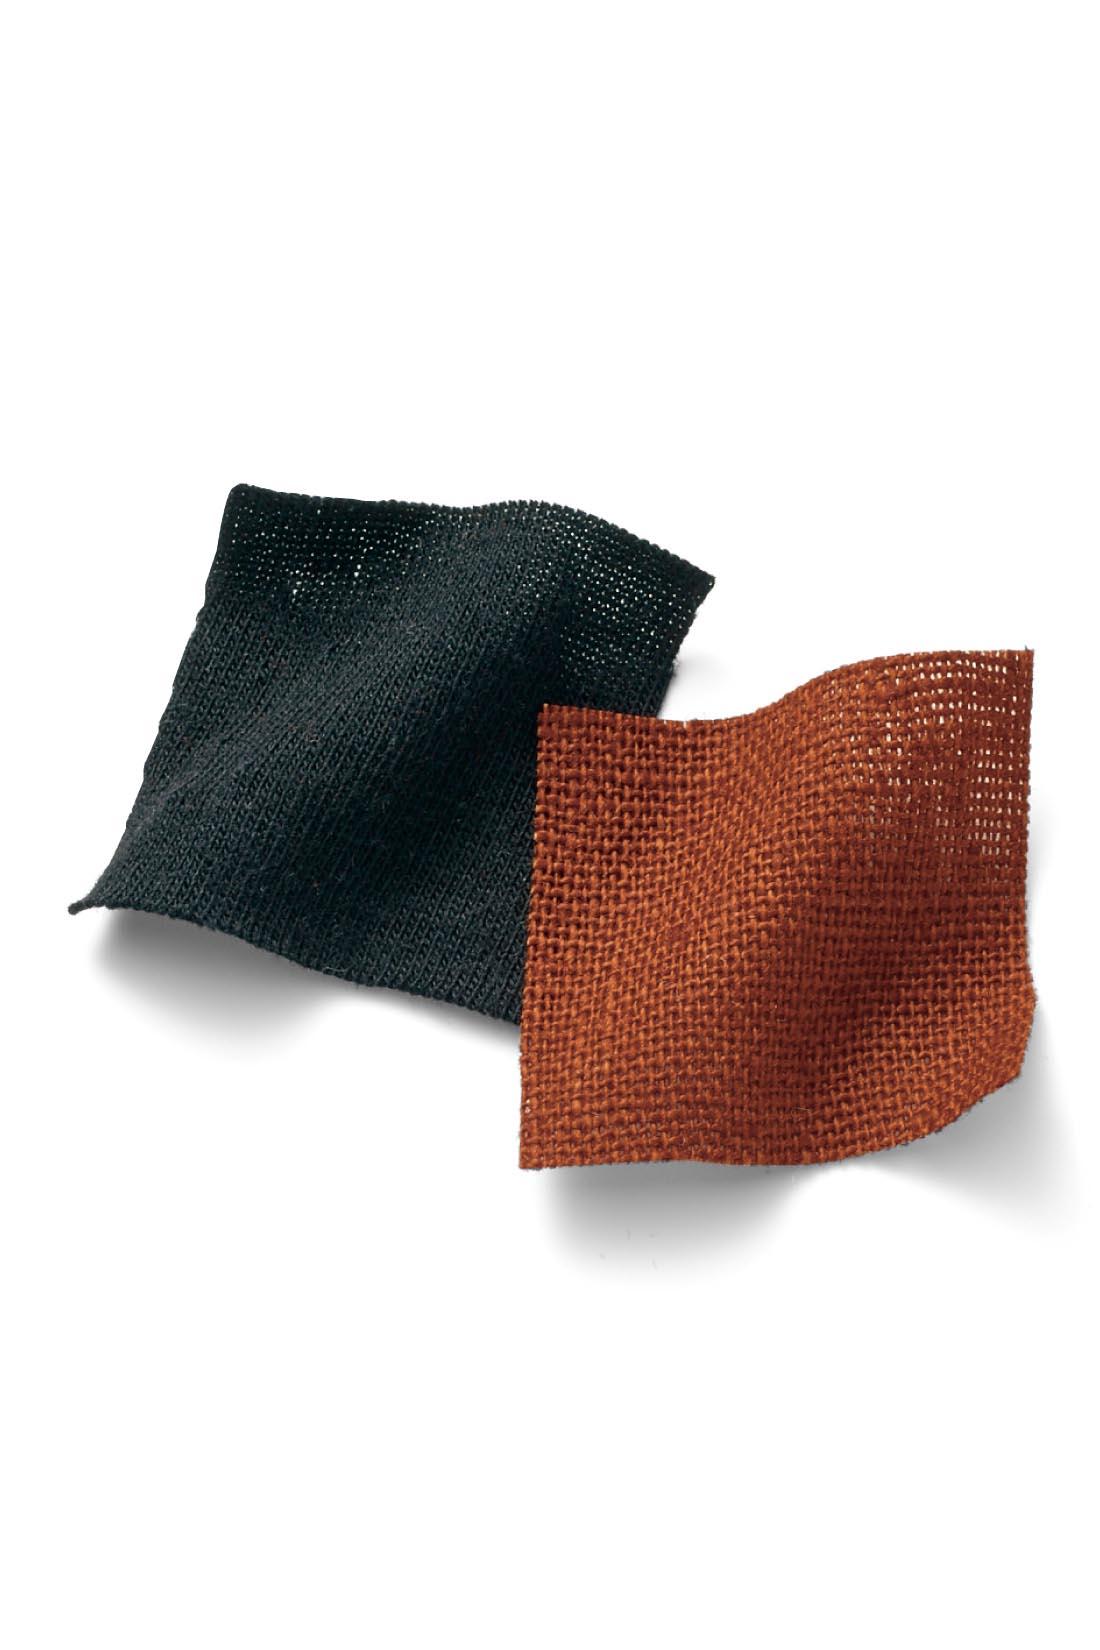 トップスは伸びやかでカジュアルな綿混のカットソー素材。パンツは、暑い日も涼やかに過ごせるやわらかな麻レーヨン素材。